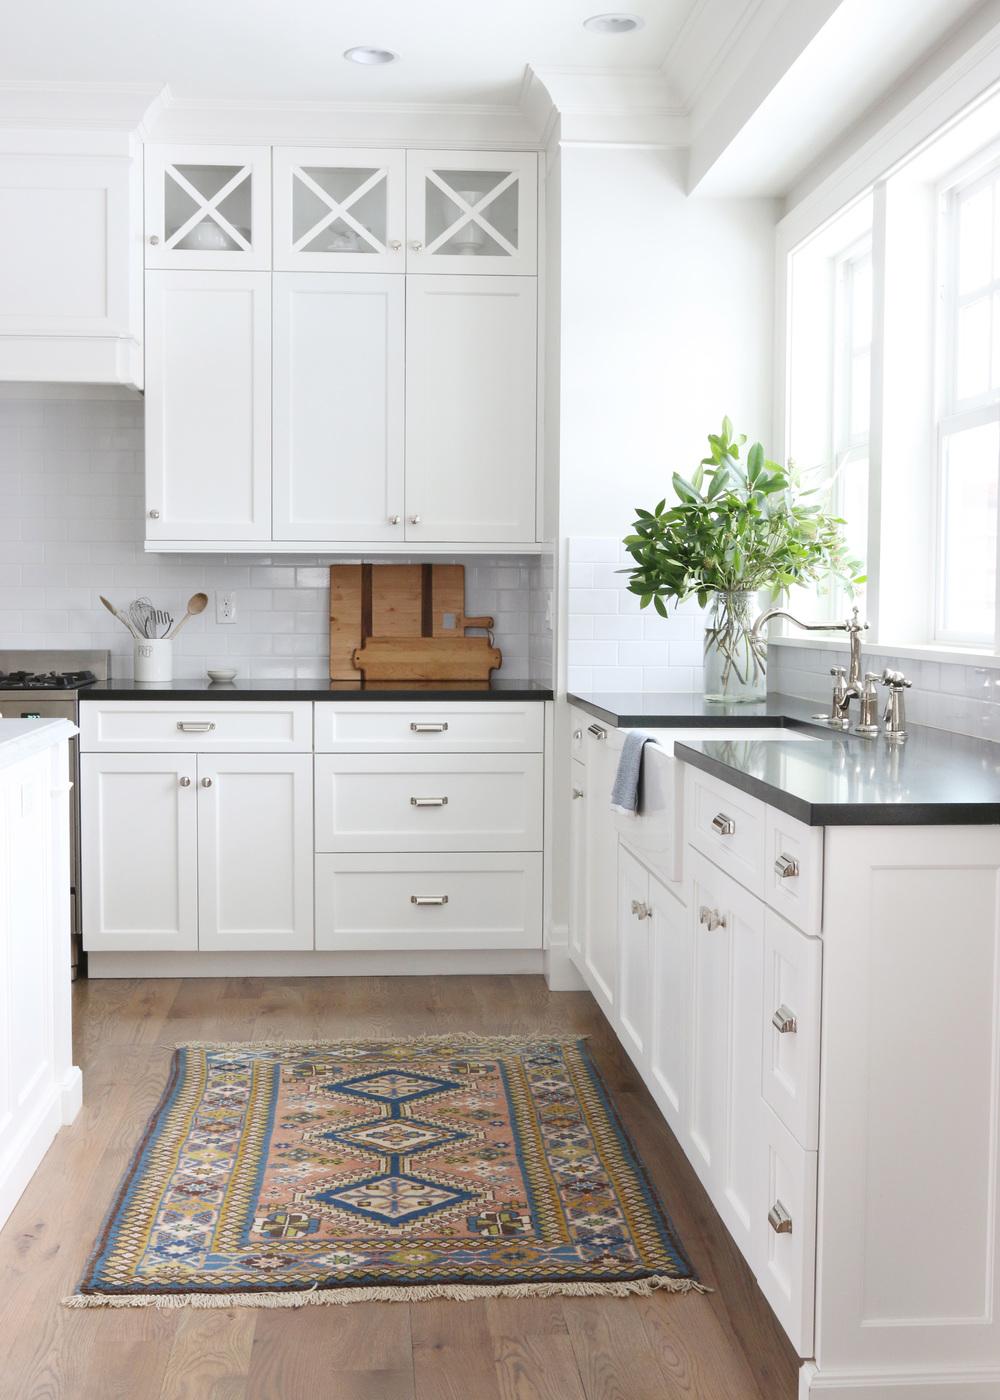 Duplex kitchen cabinet inspiration